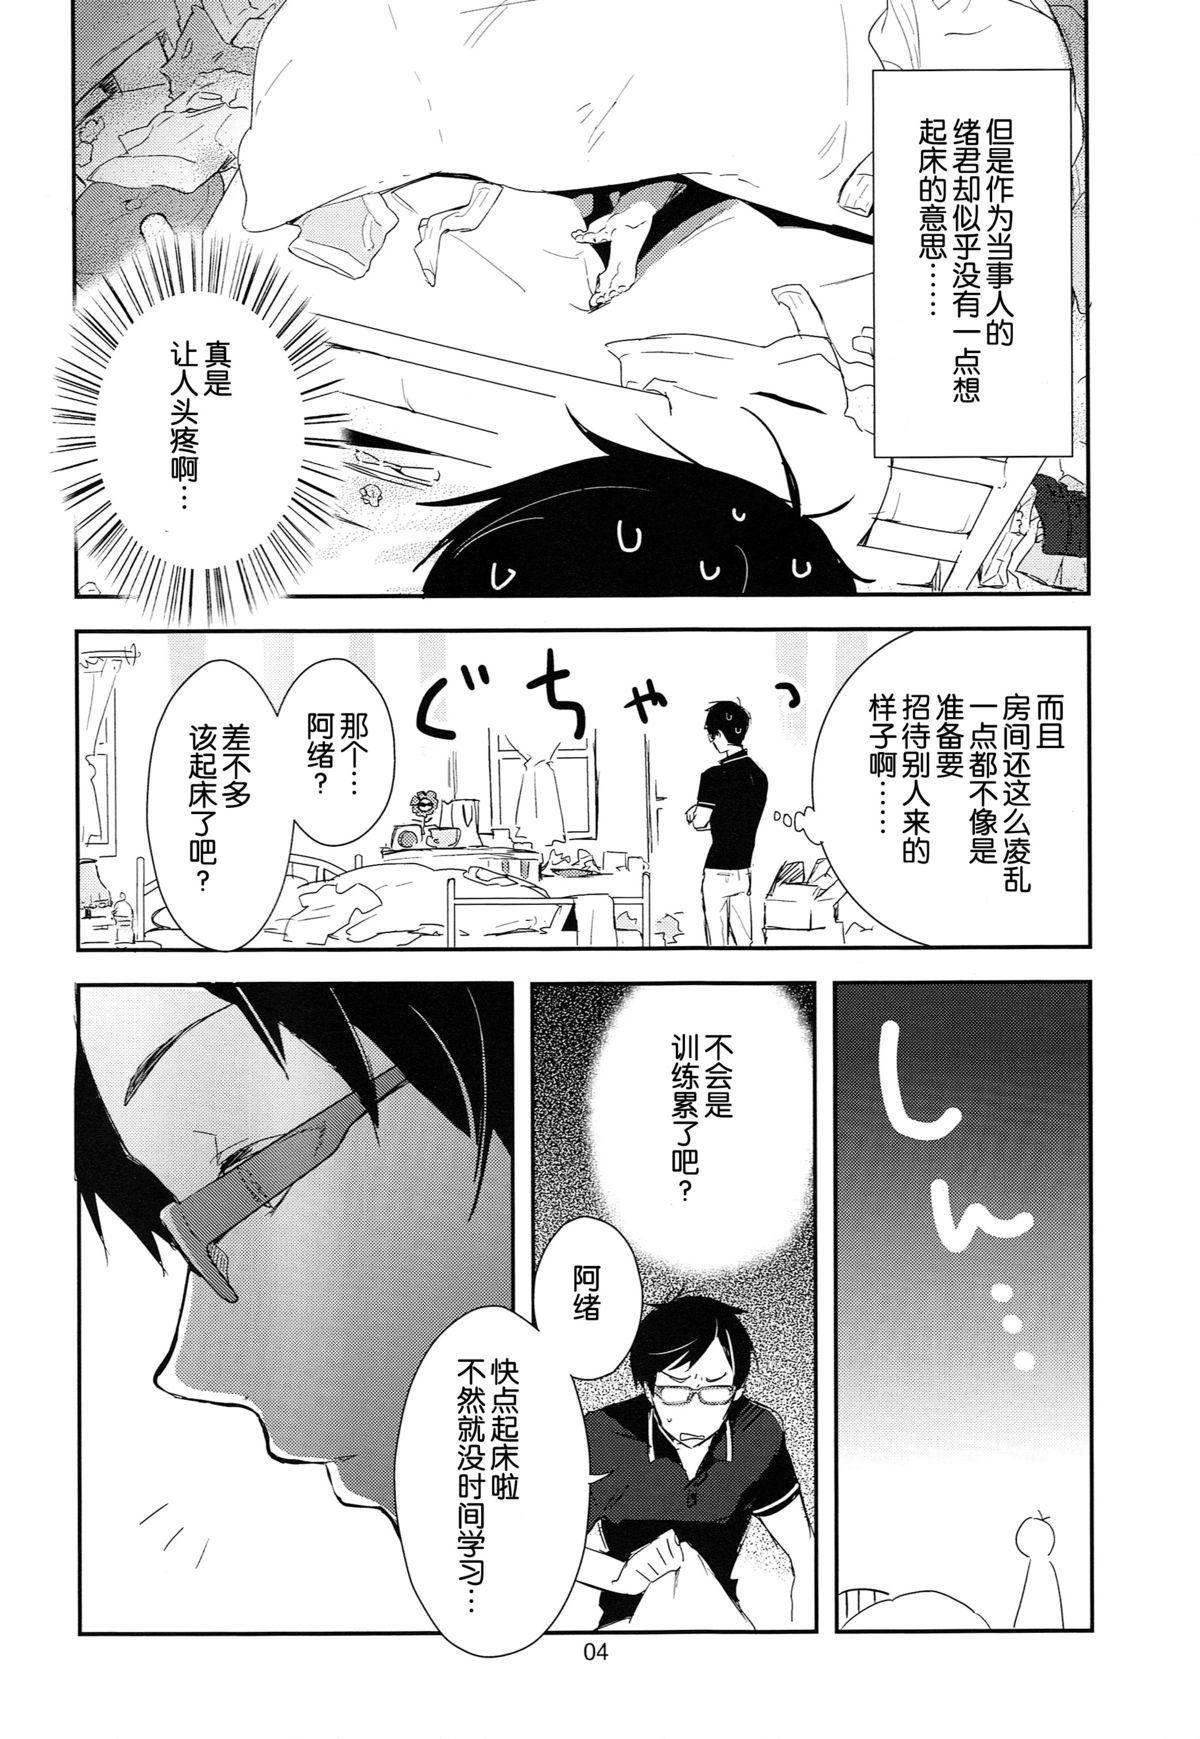 Ryuugazaki nanigashi wa seiyoku wo moteamashite iru. 2